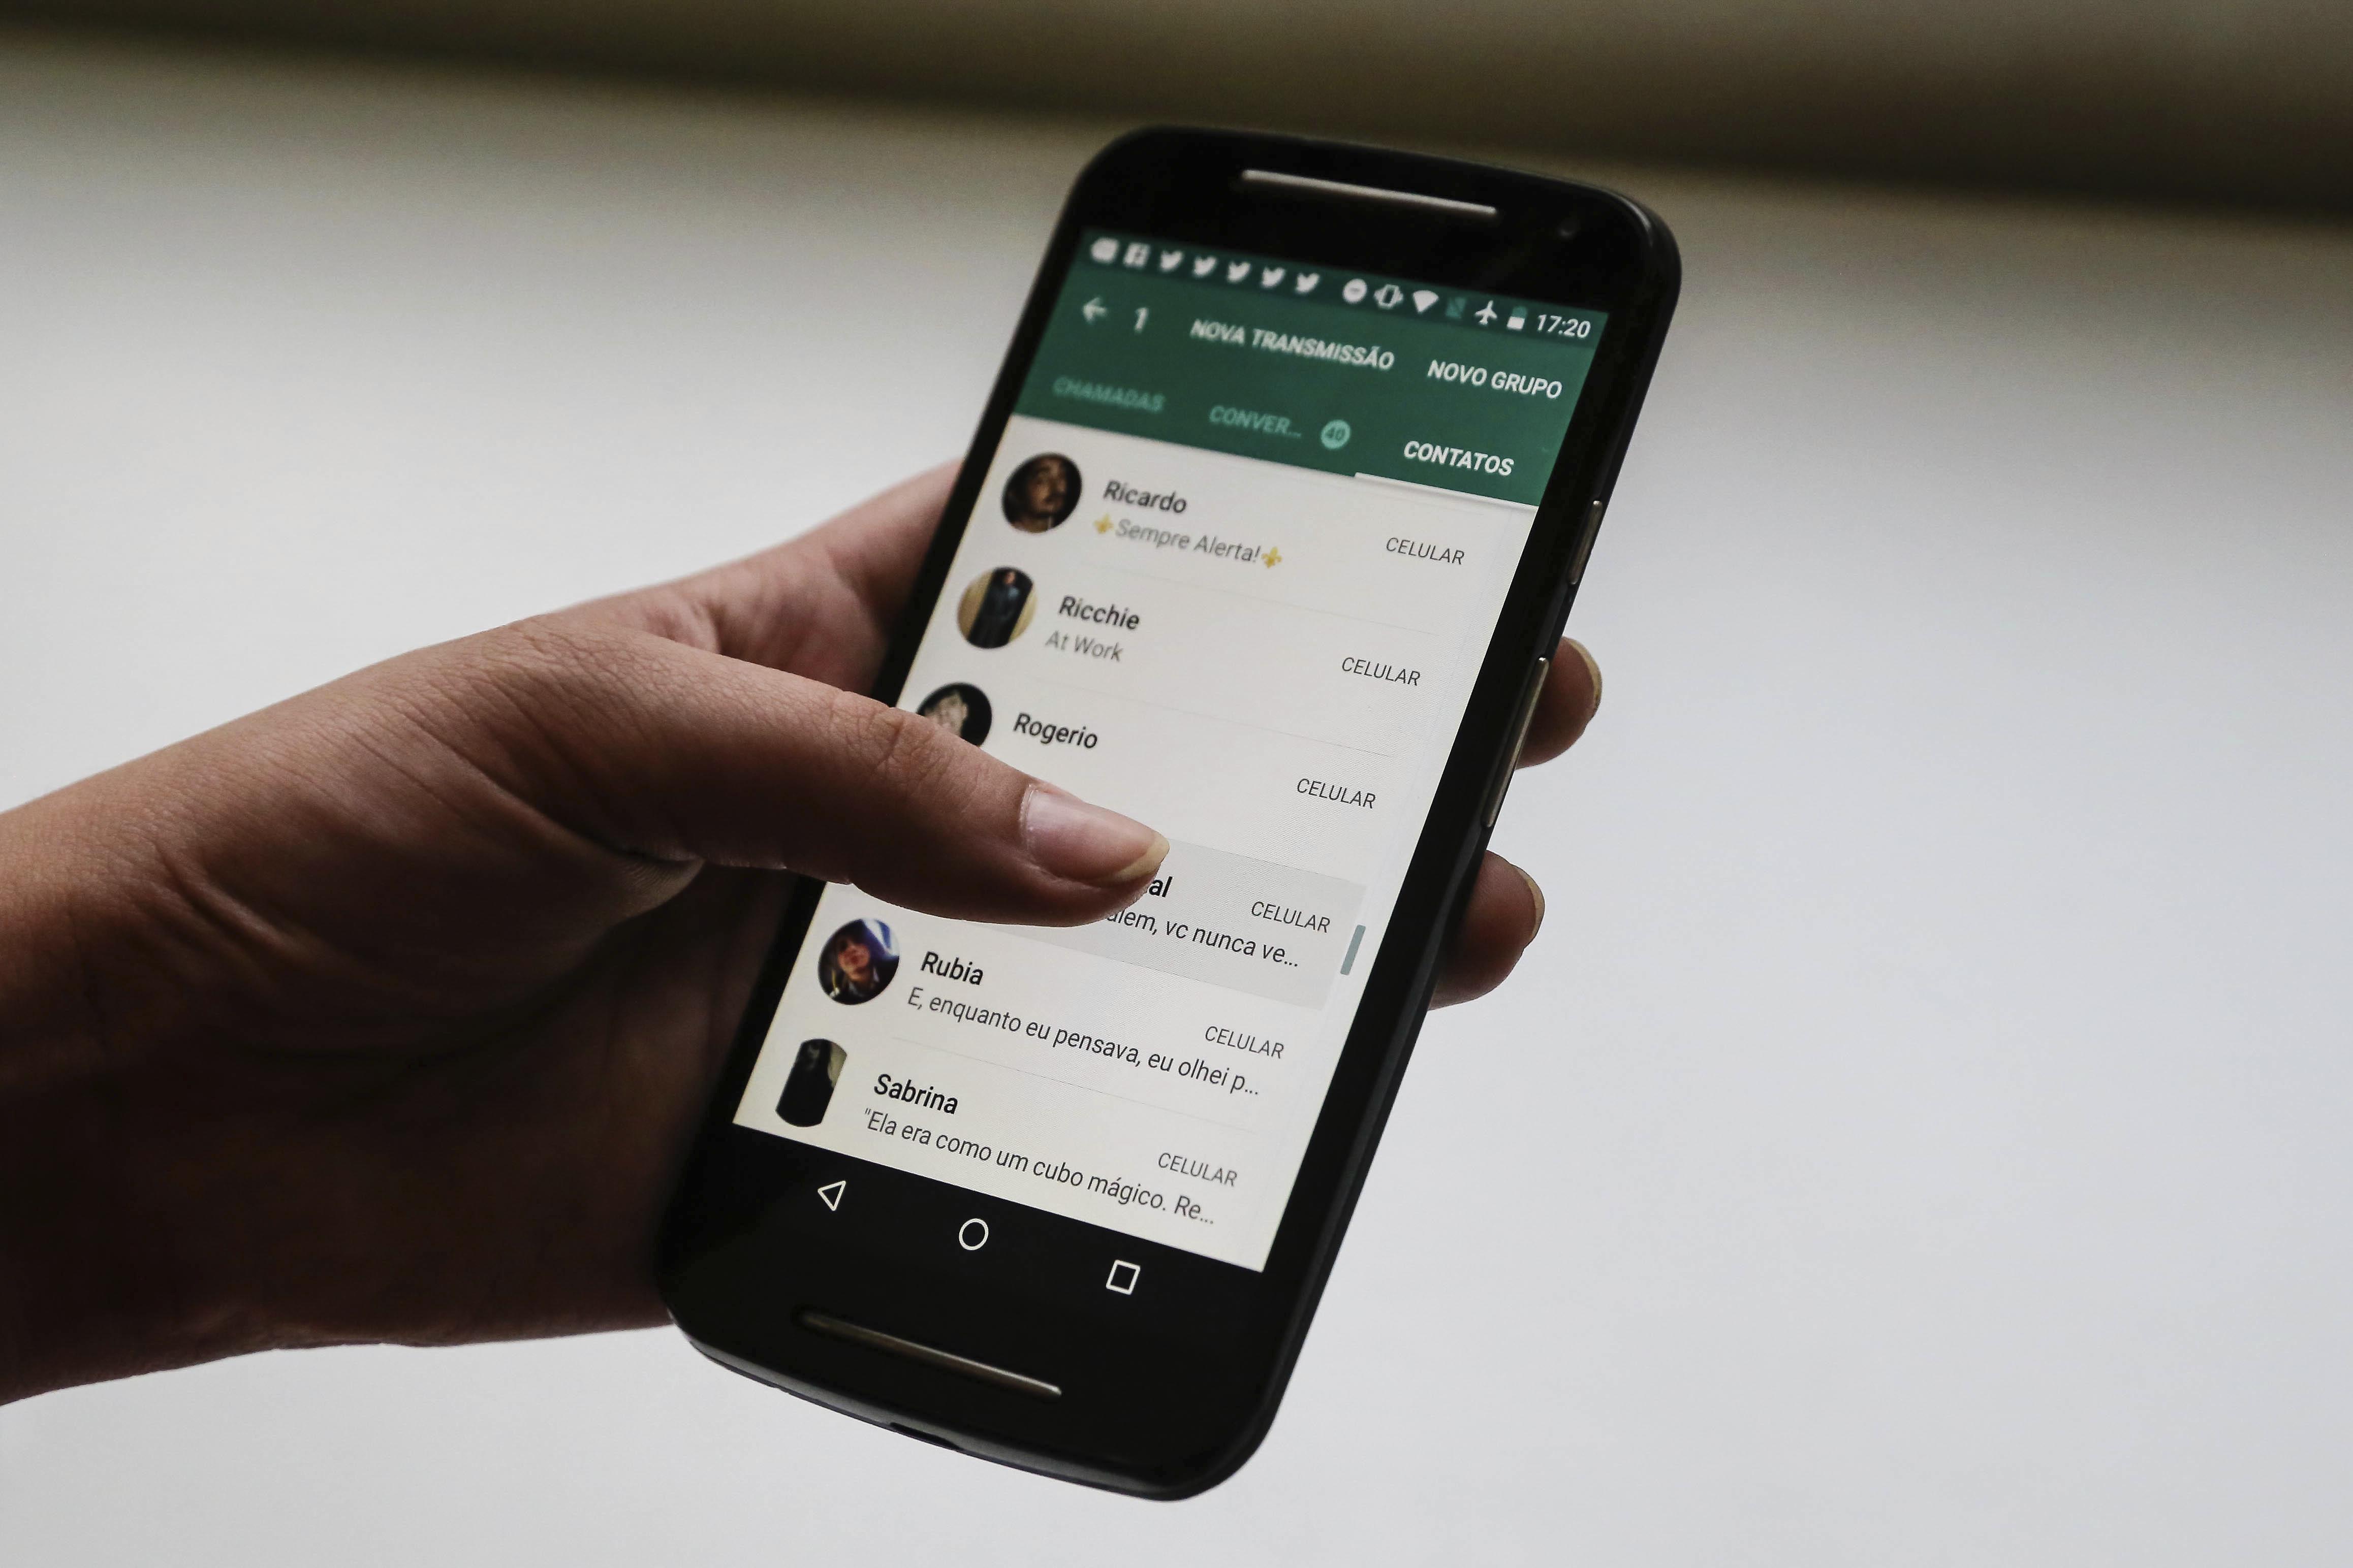 जेव्हा अशा प्रकारचा मॅसेज तुम्ही ओपन करता आणि लिंकवर क्लिक करता, तेव्हा तुमची संपूर्ण माहिती हॅकर्सकडे चालली जाते. त्यानंतर तुमचं WhatsApp अकाउंट स्कॅमर नियंत्रित करतो. त्यानंतर तुमच्याच नकळत तुमचे मॅसेज वचणं आणि हवं त्याला मॅसेज पाठवणं असे प्रकार हॅकर्सकडून केले जातात.